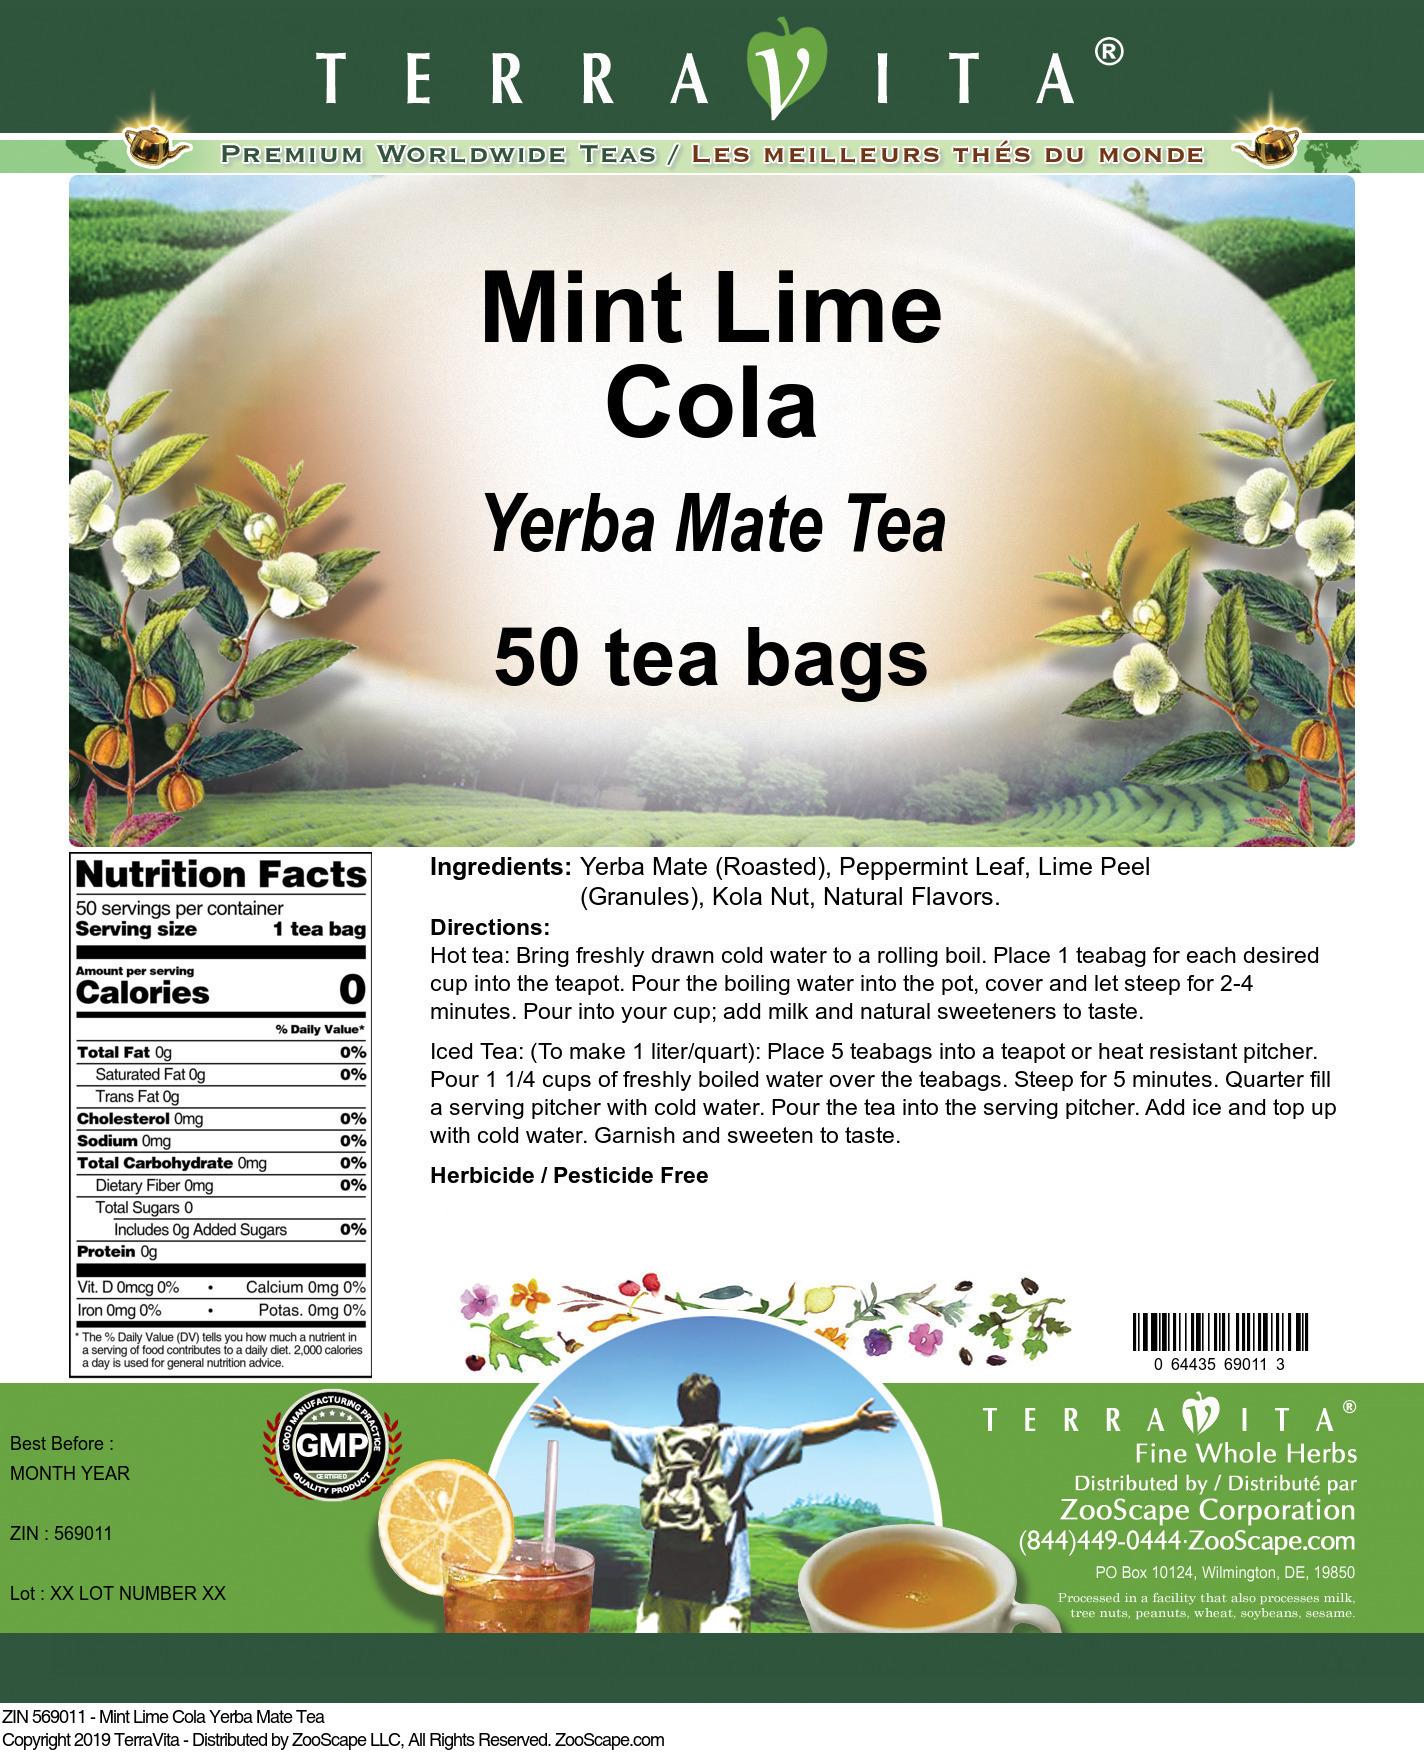 Mint Lime Cola Yerba Mate Tea